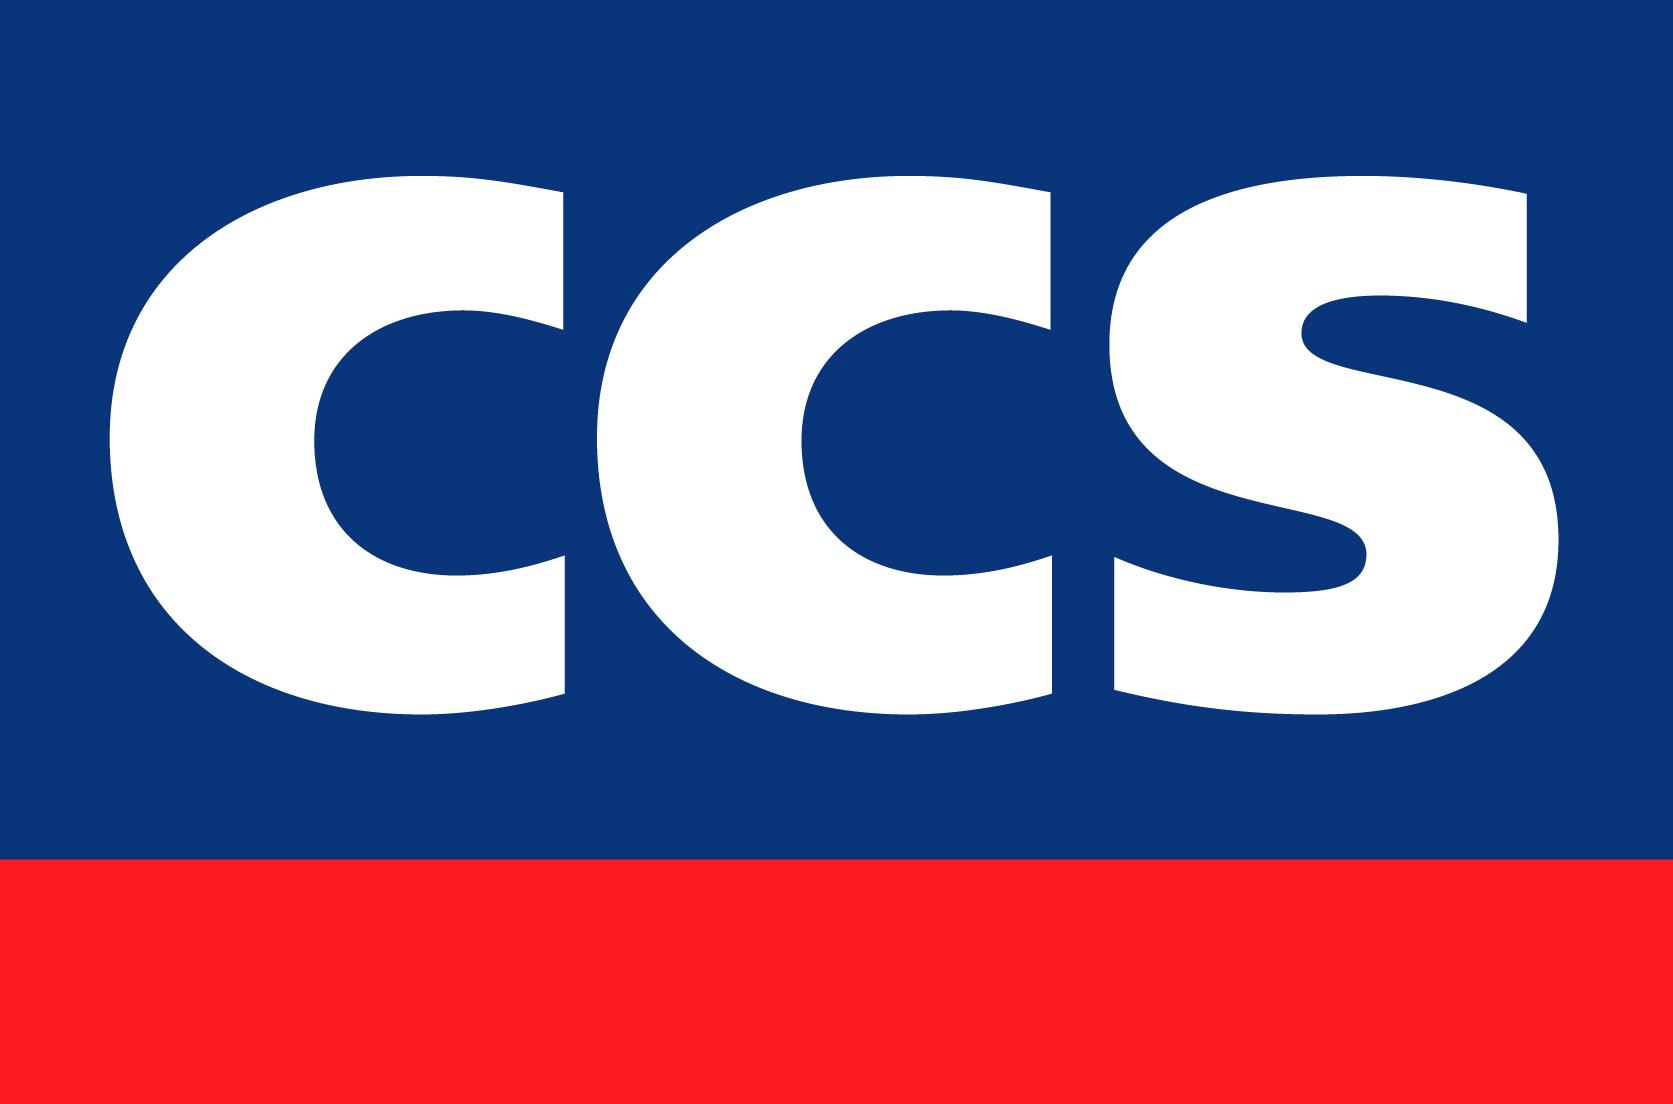 Přijímáme karty CCS